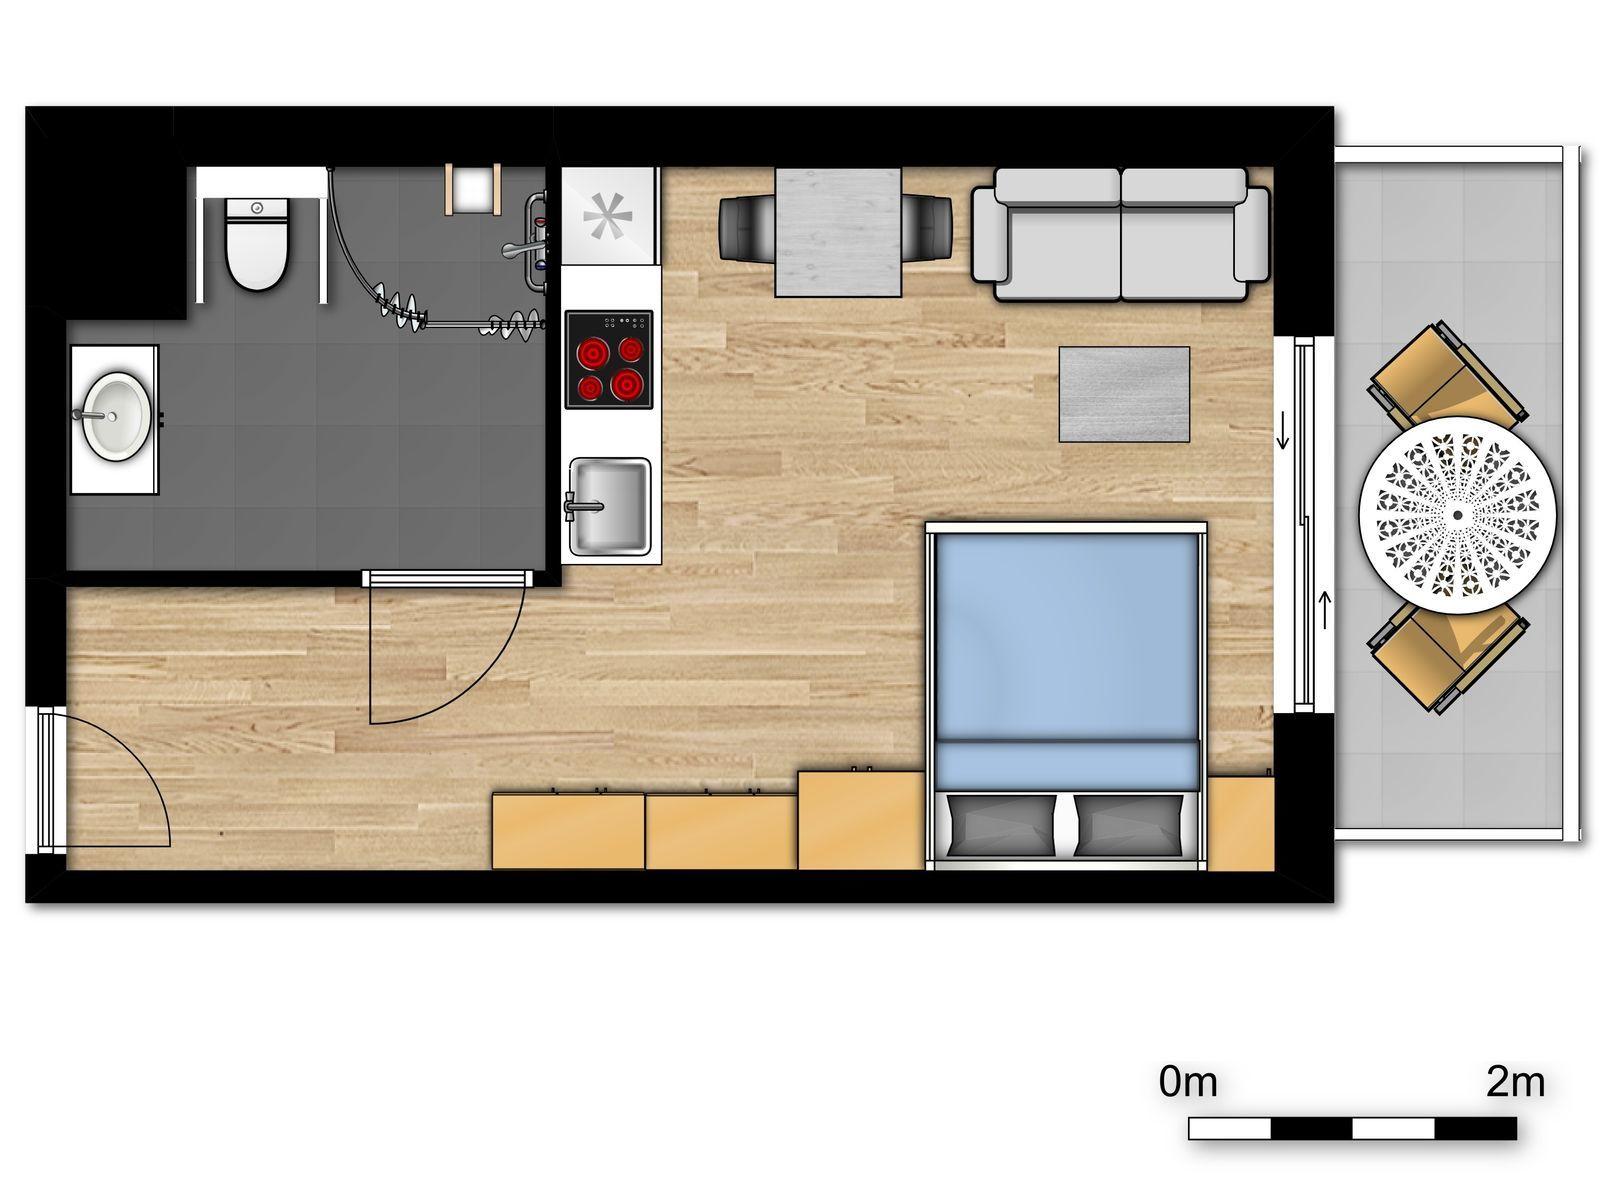 Nouveau logement de vacances pour 2 personnes, accessibles aux personnes handicapées